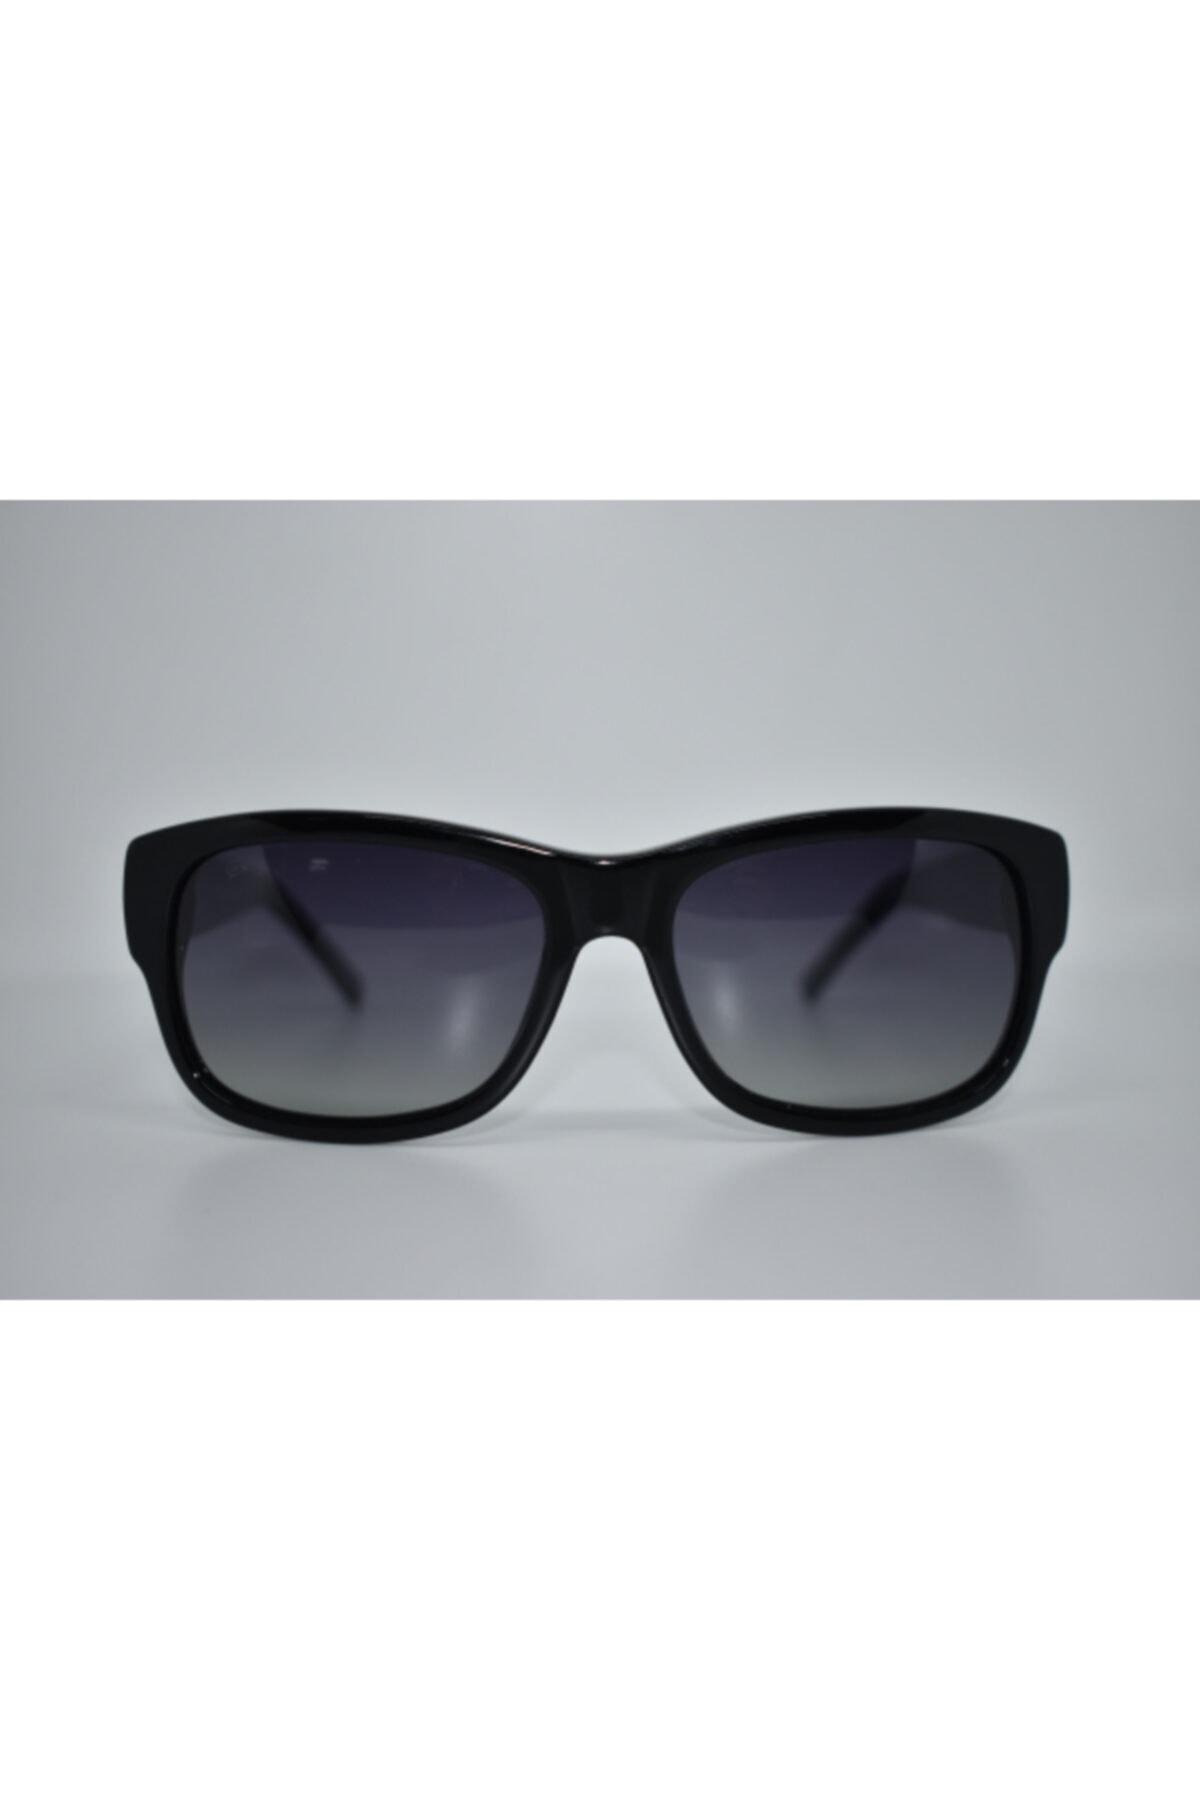 DUNLOP Güneş Gözlüğü Du3315 C1 1